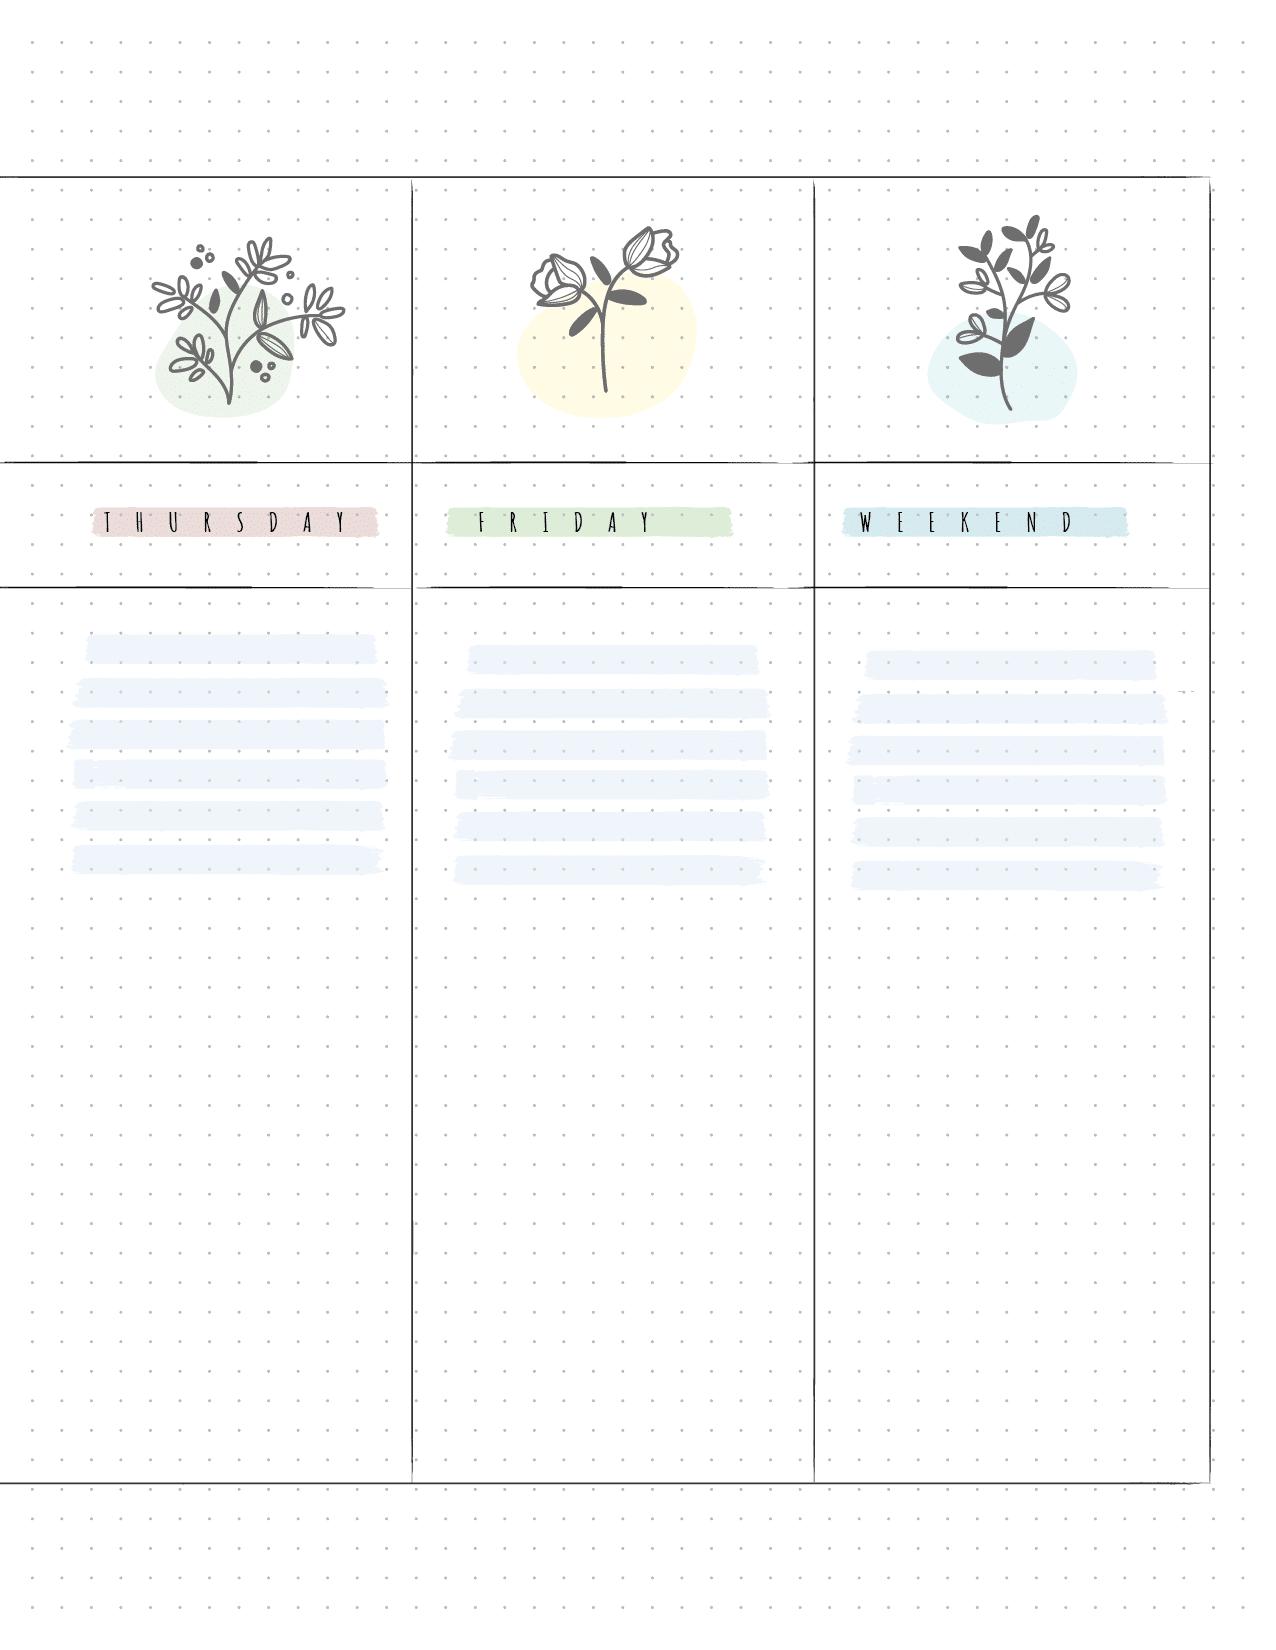 Bullet Journal Weekly Planner-02